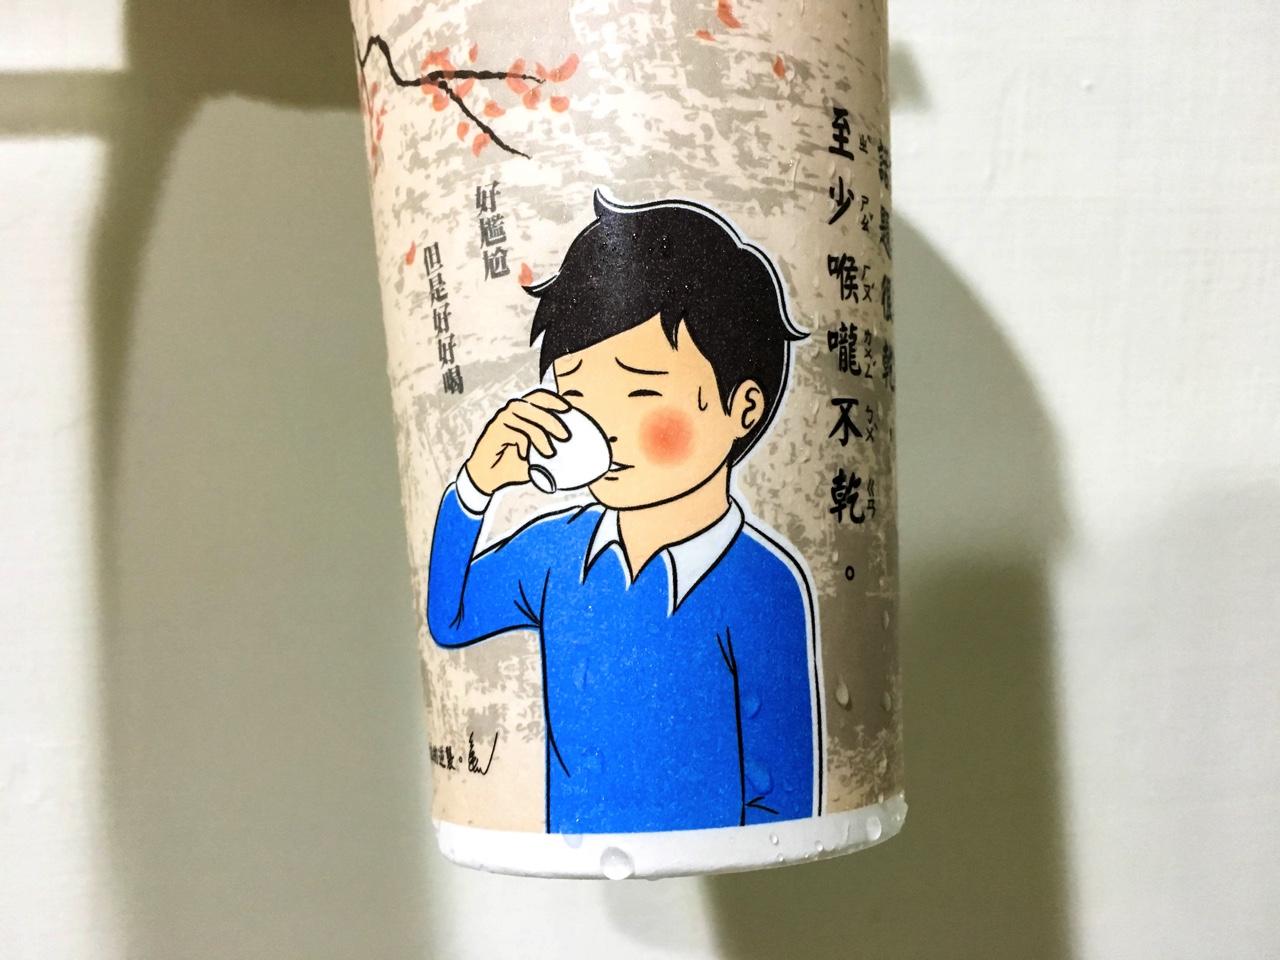 飲み物のボトルに描かれた男性